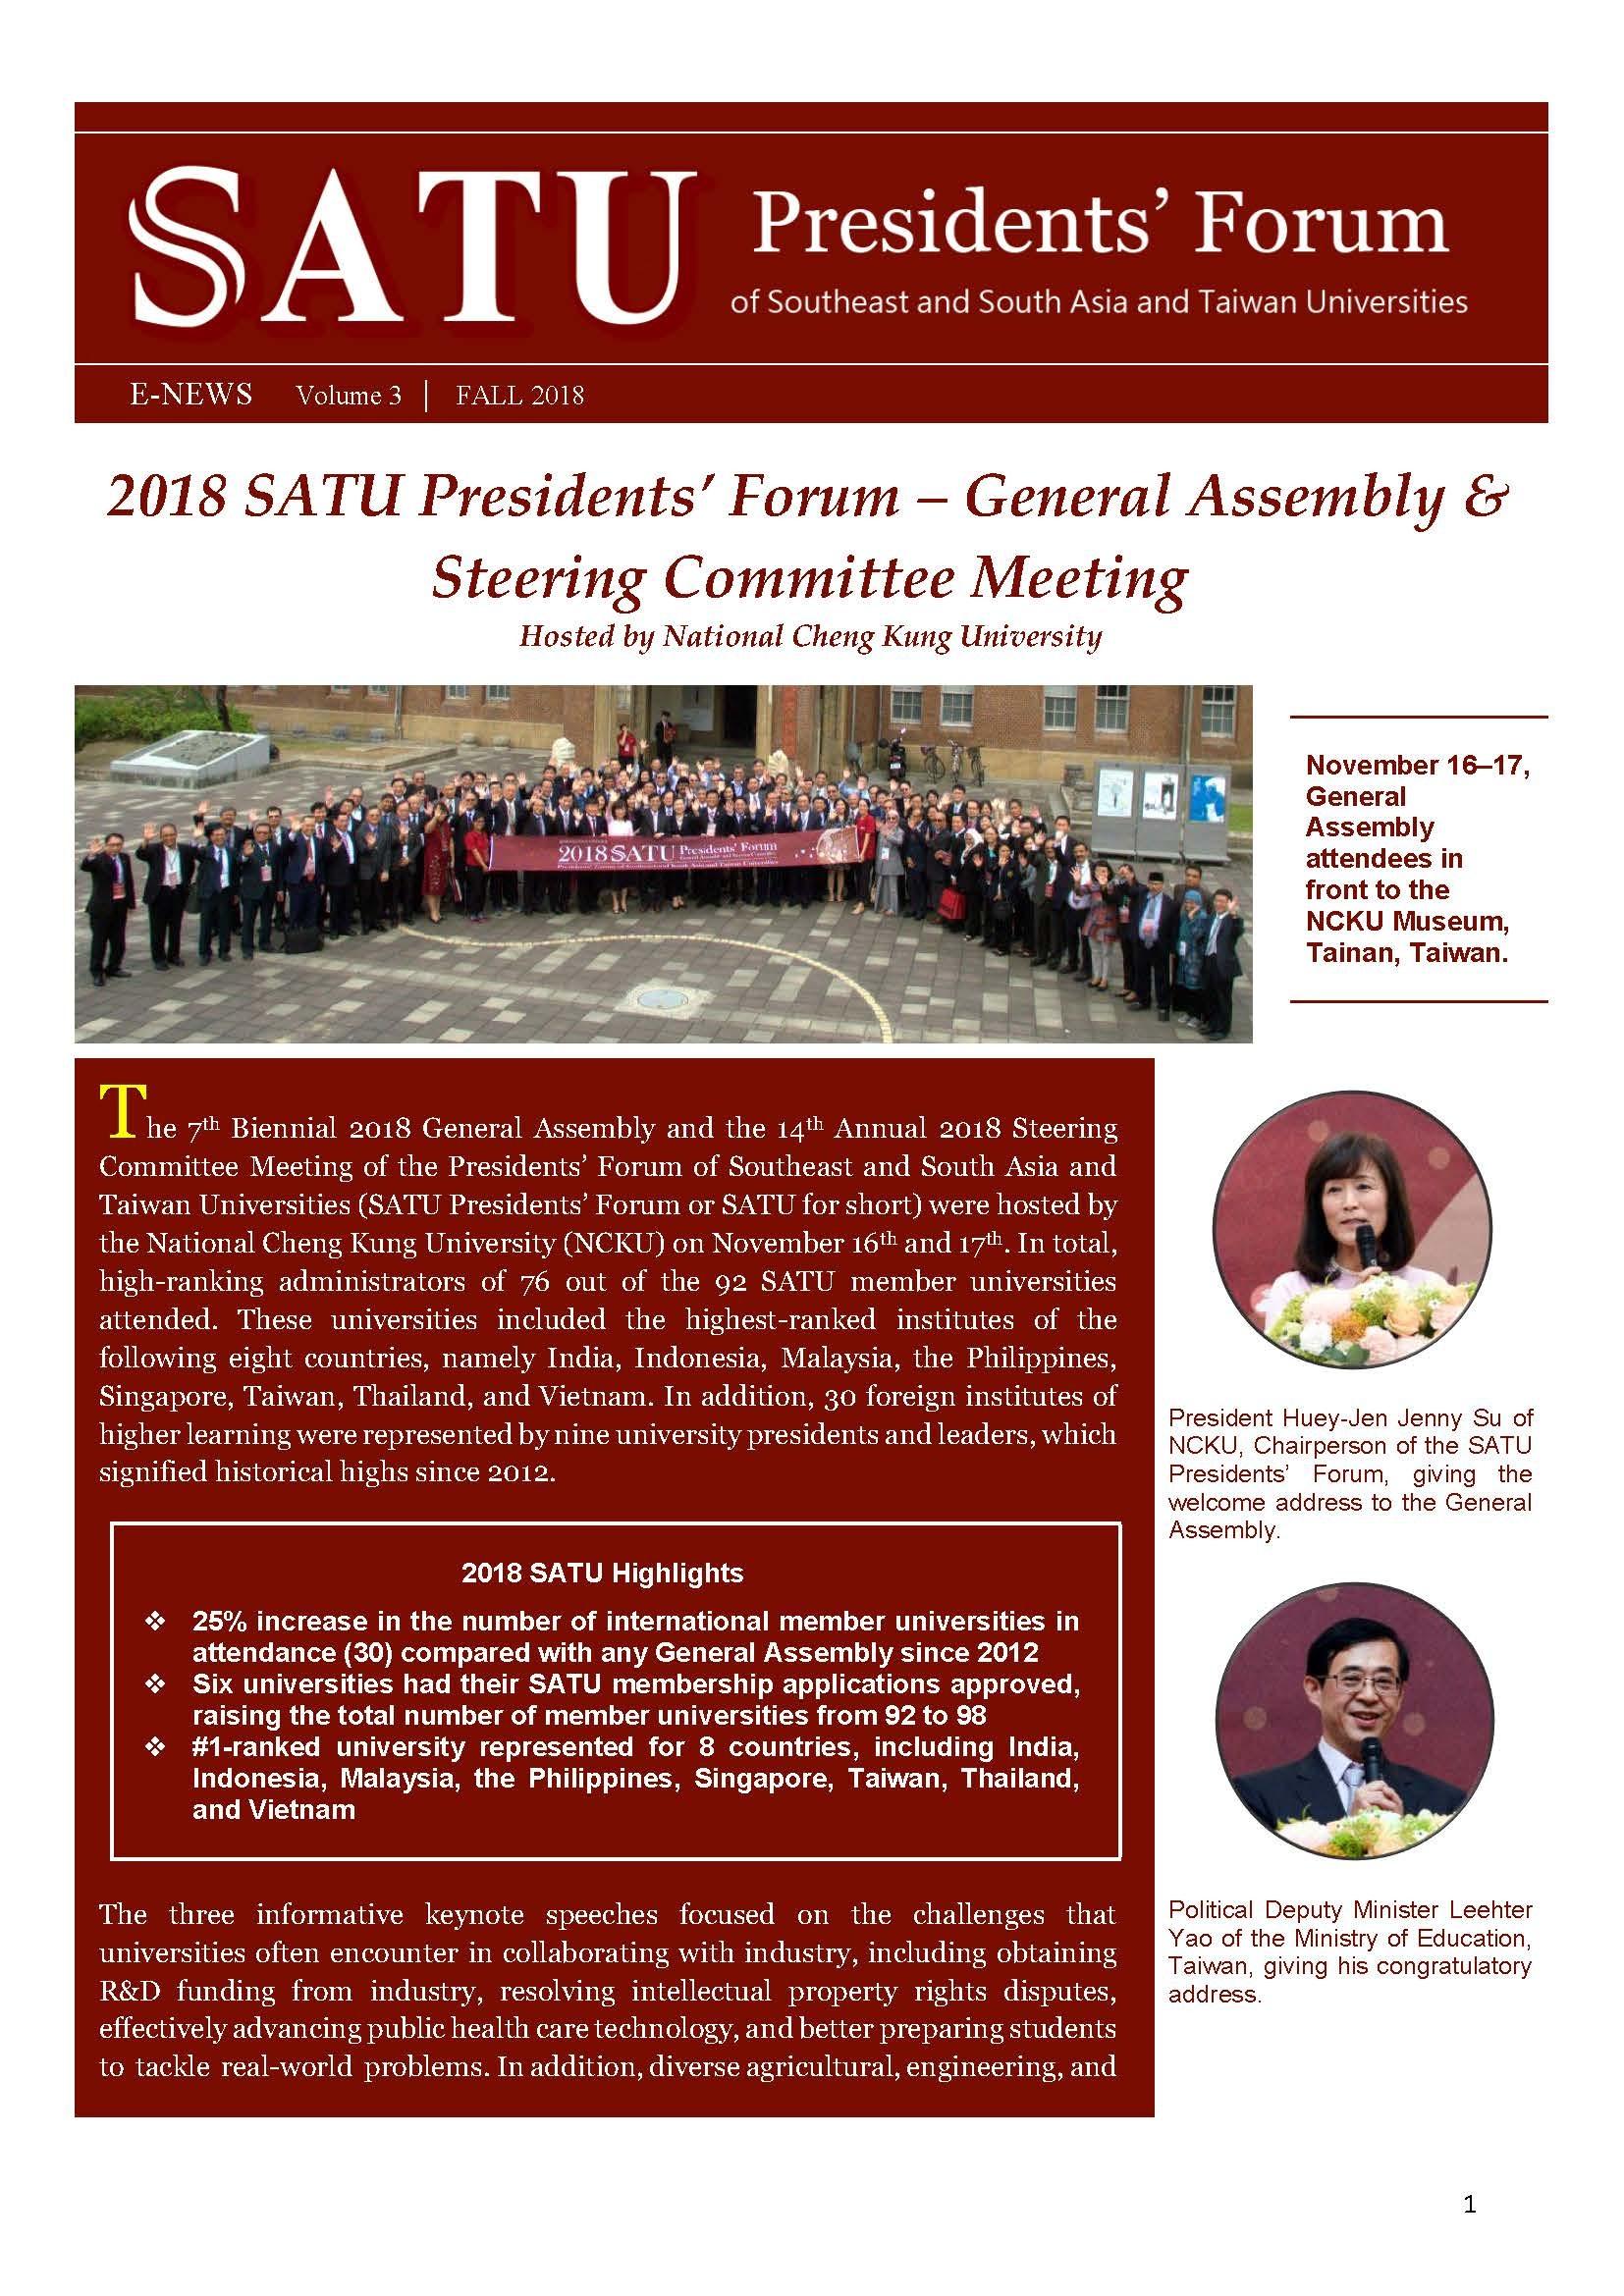 SATU E-News Vol. 3 page 1